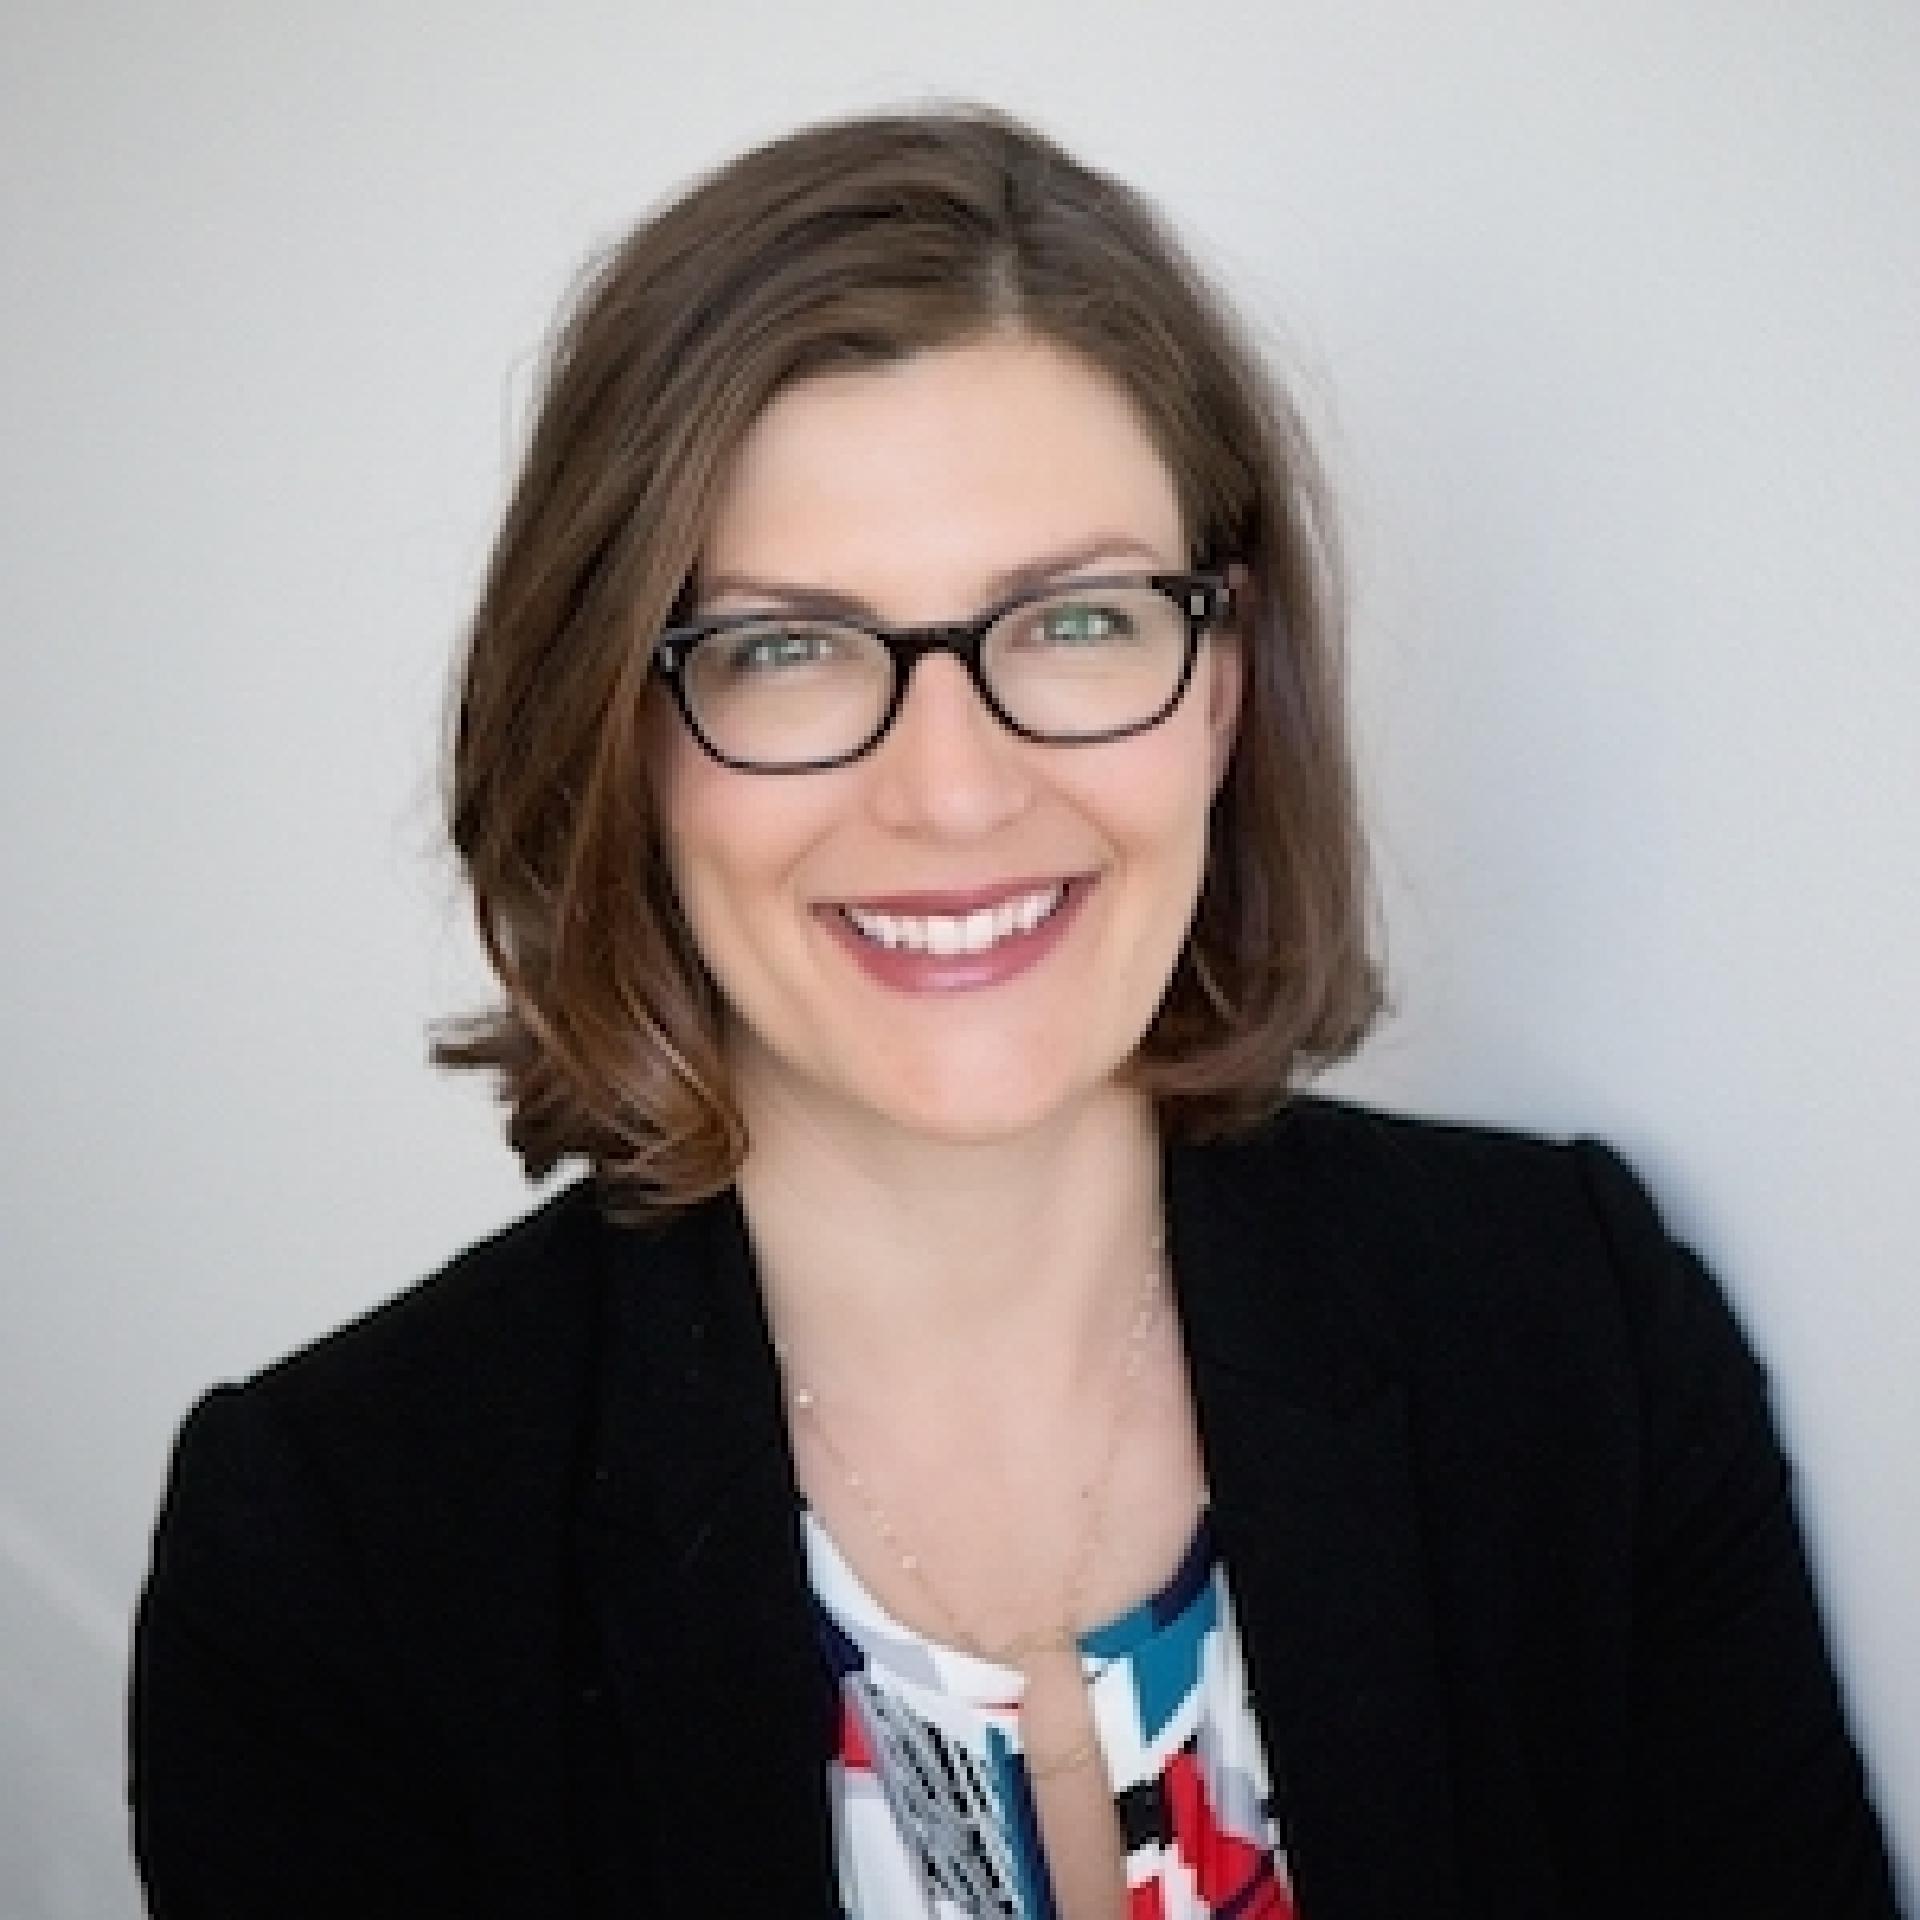 Photo of Leah Sutton